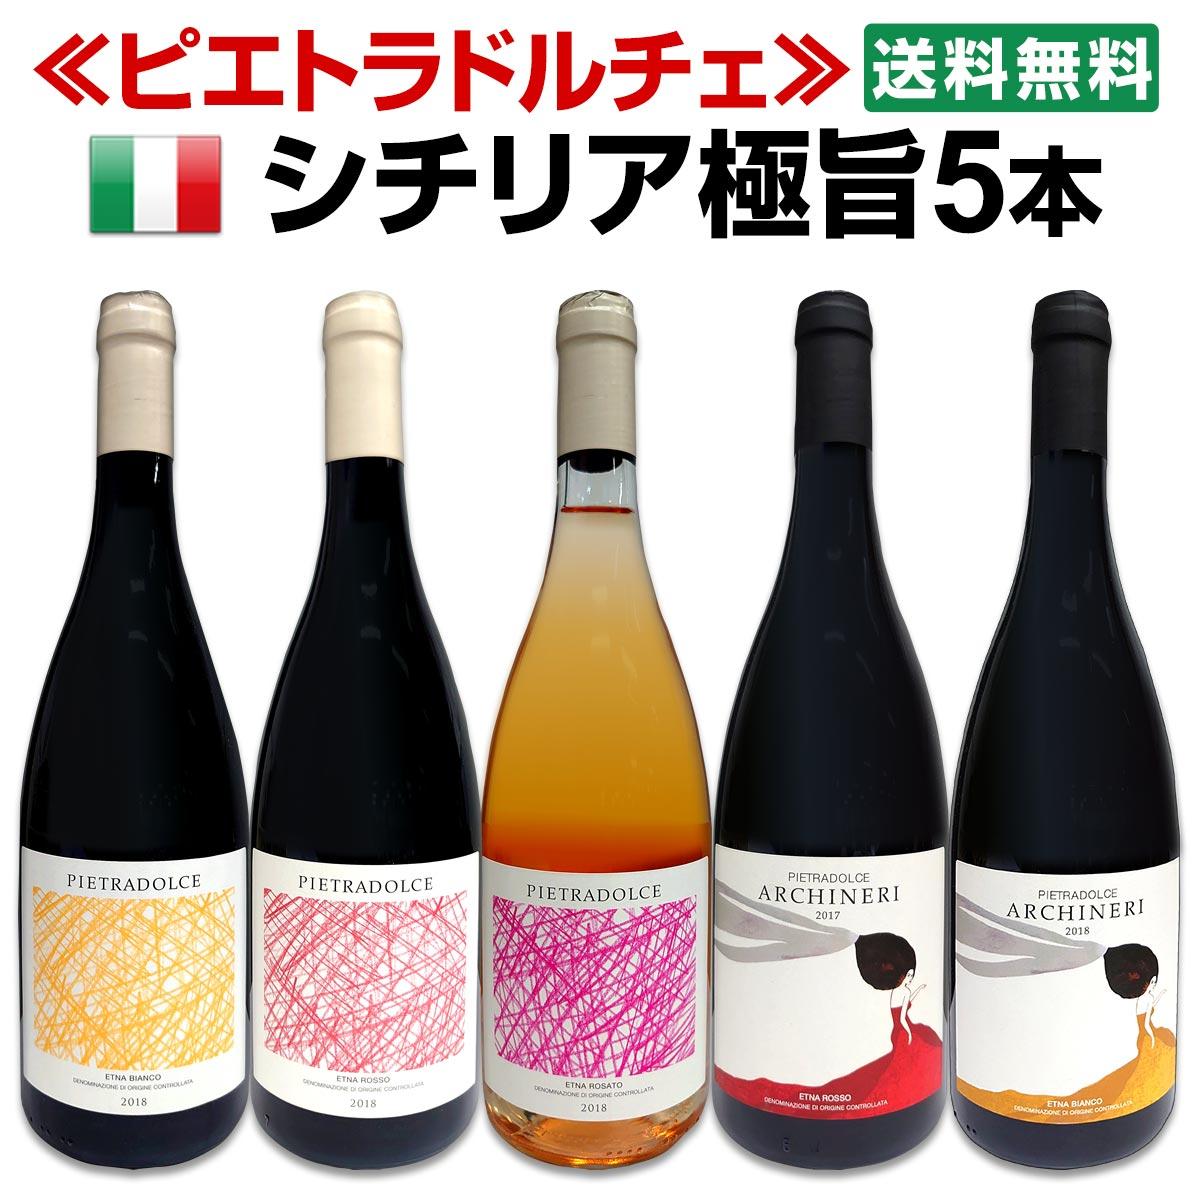 【送料無料】最高評価連発!!≪ピエトラドルチェ≫シチリア極旨ワイン5本セット!!